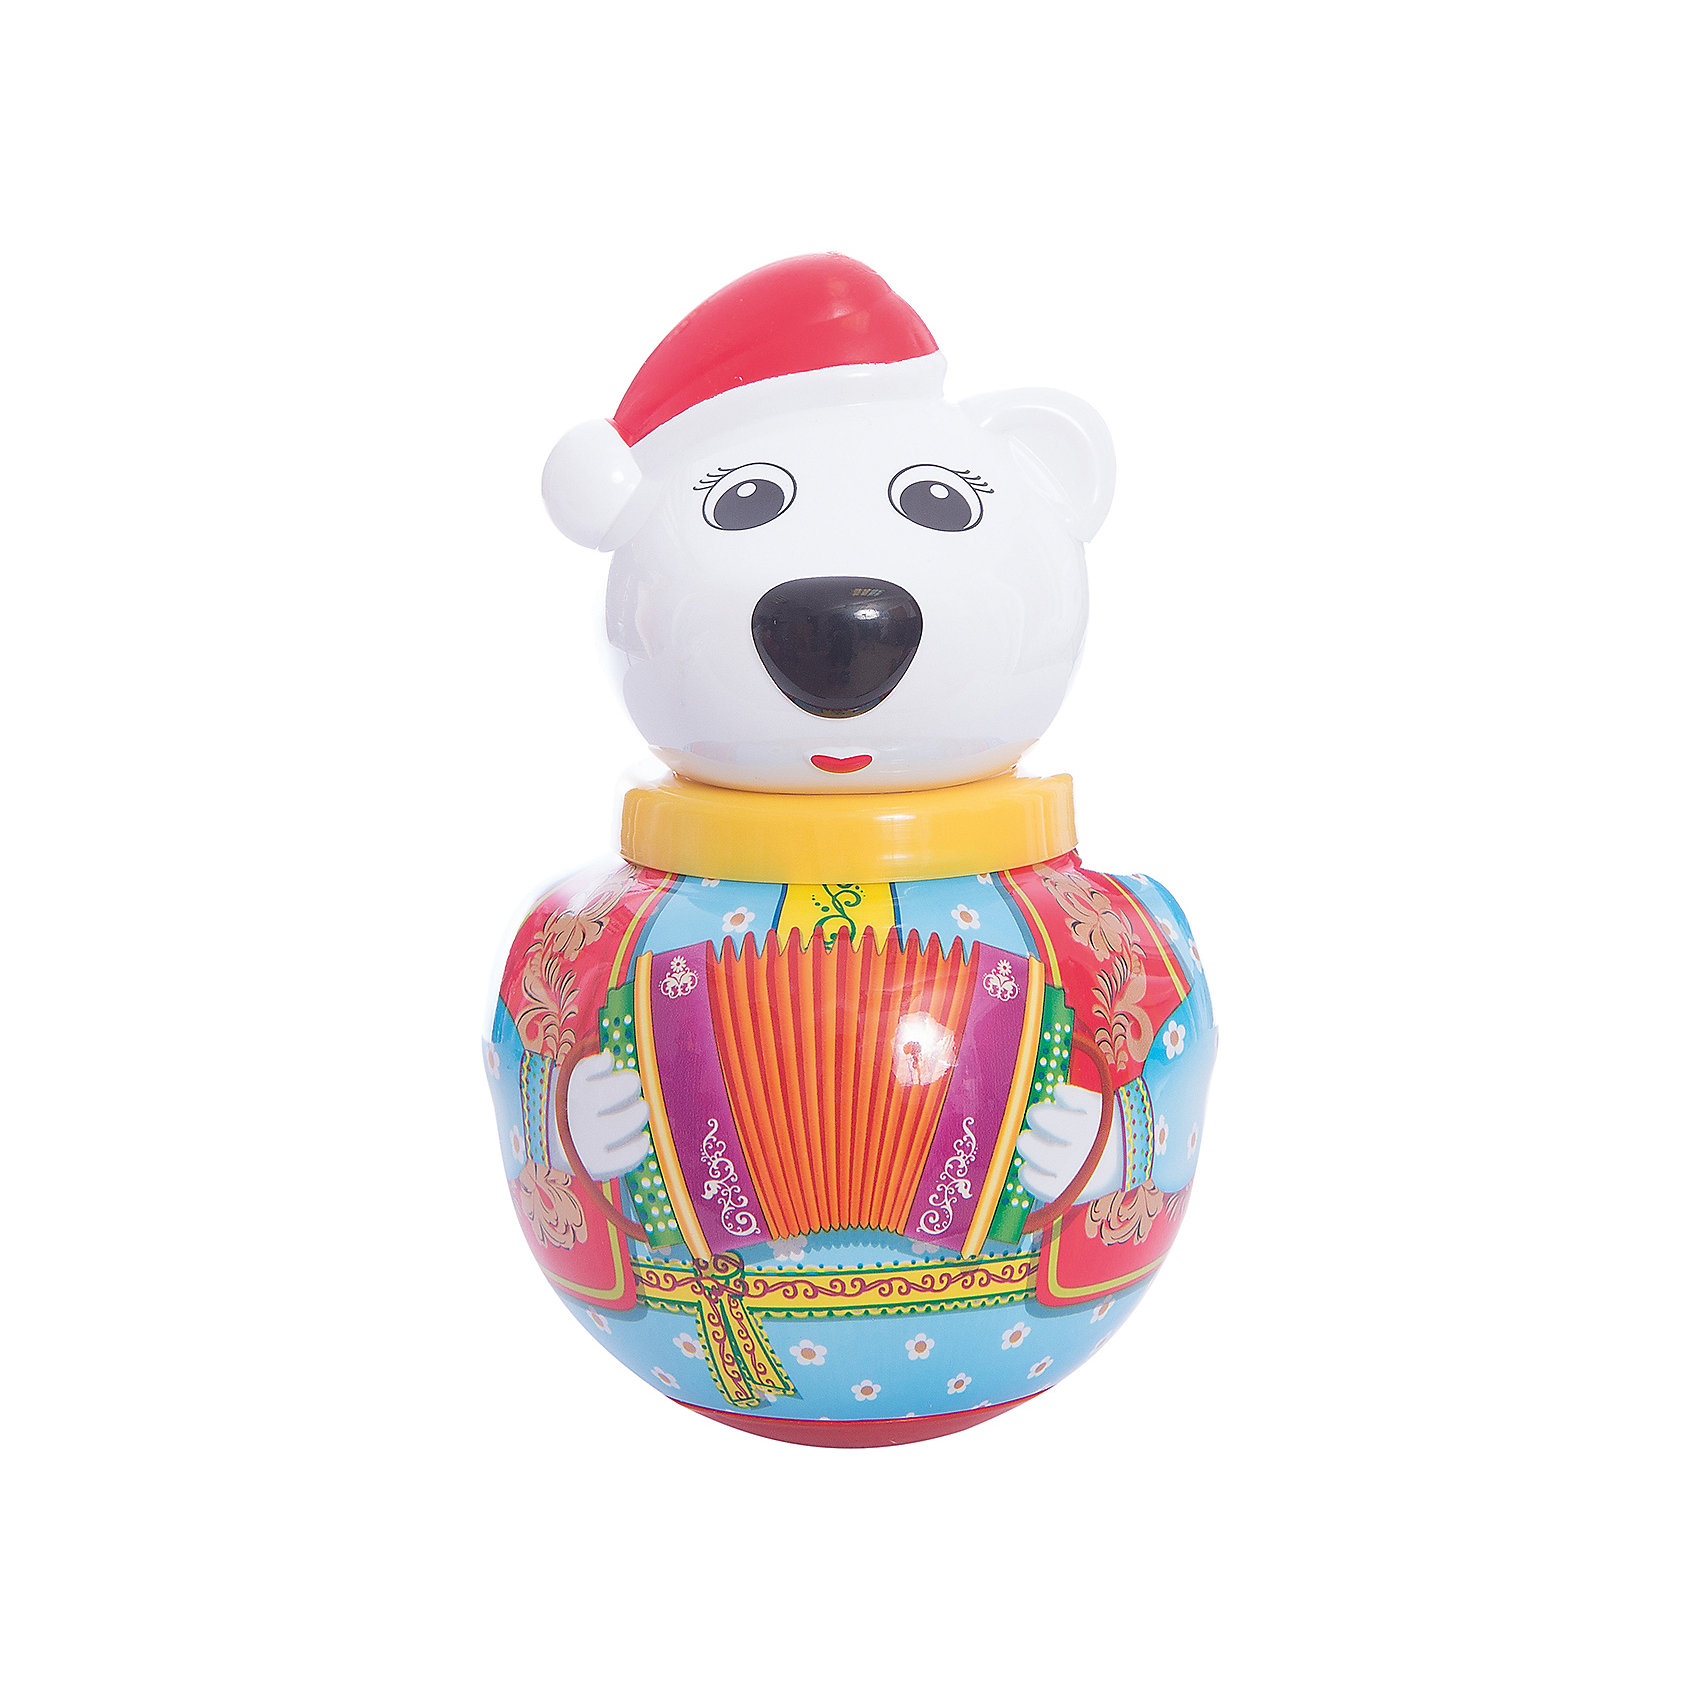 Стеллар Неваляшка Белый медведь Тёма стеллар неваляшка бурый медведь потапыч в ассортименте стеллар